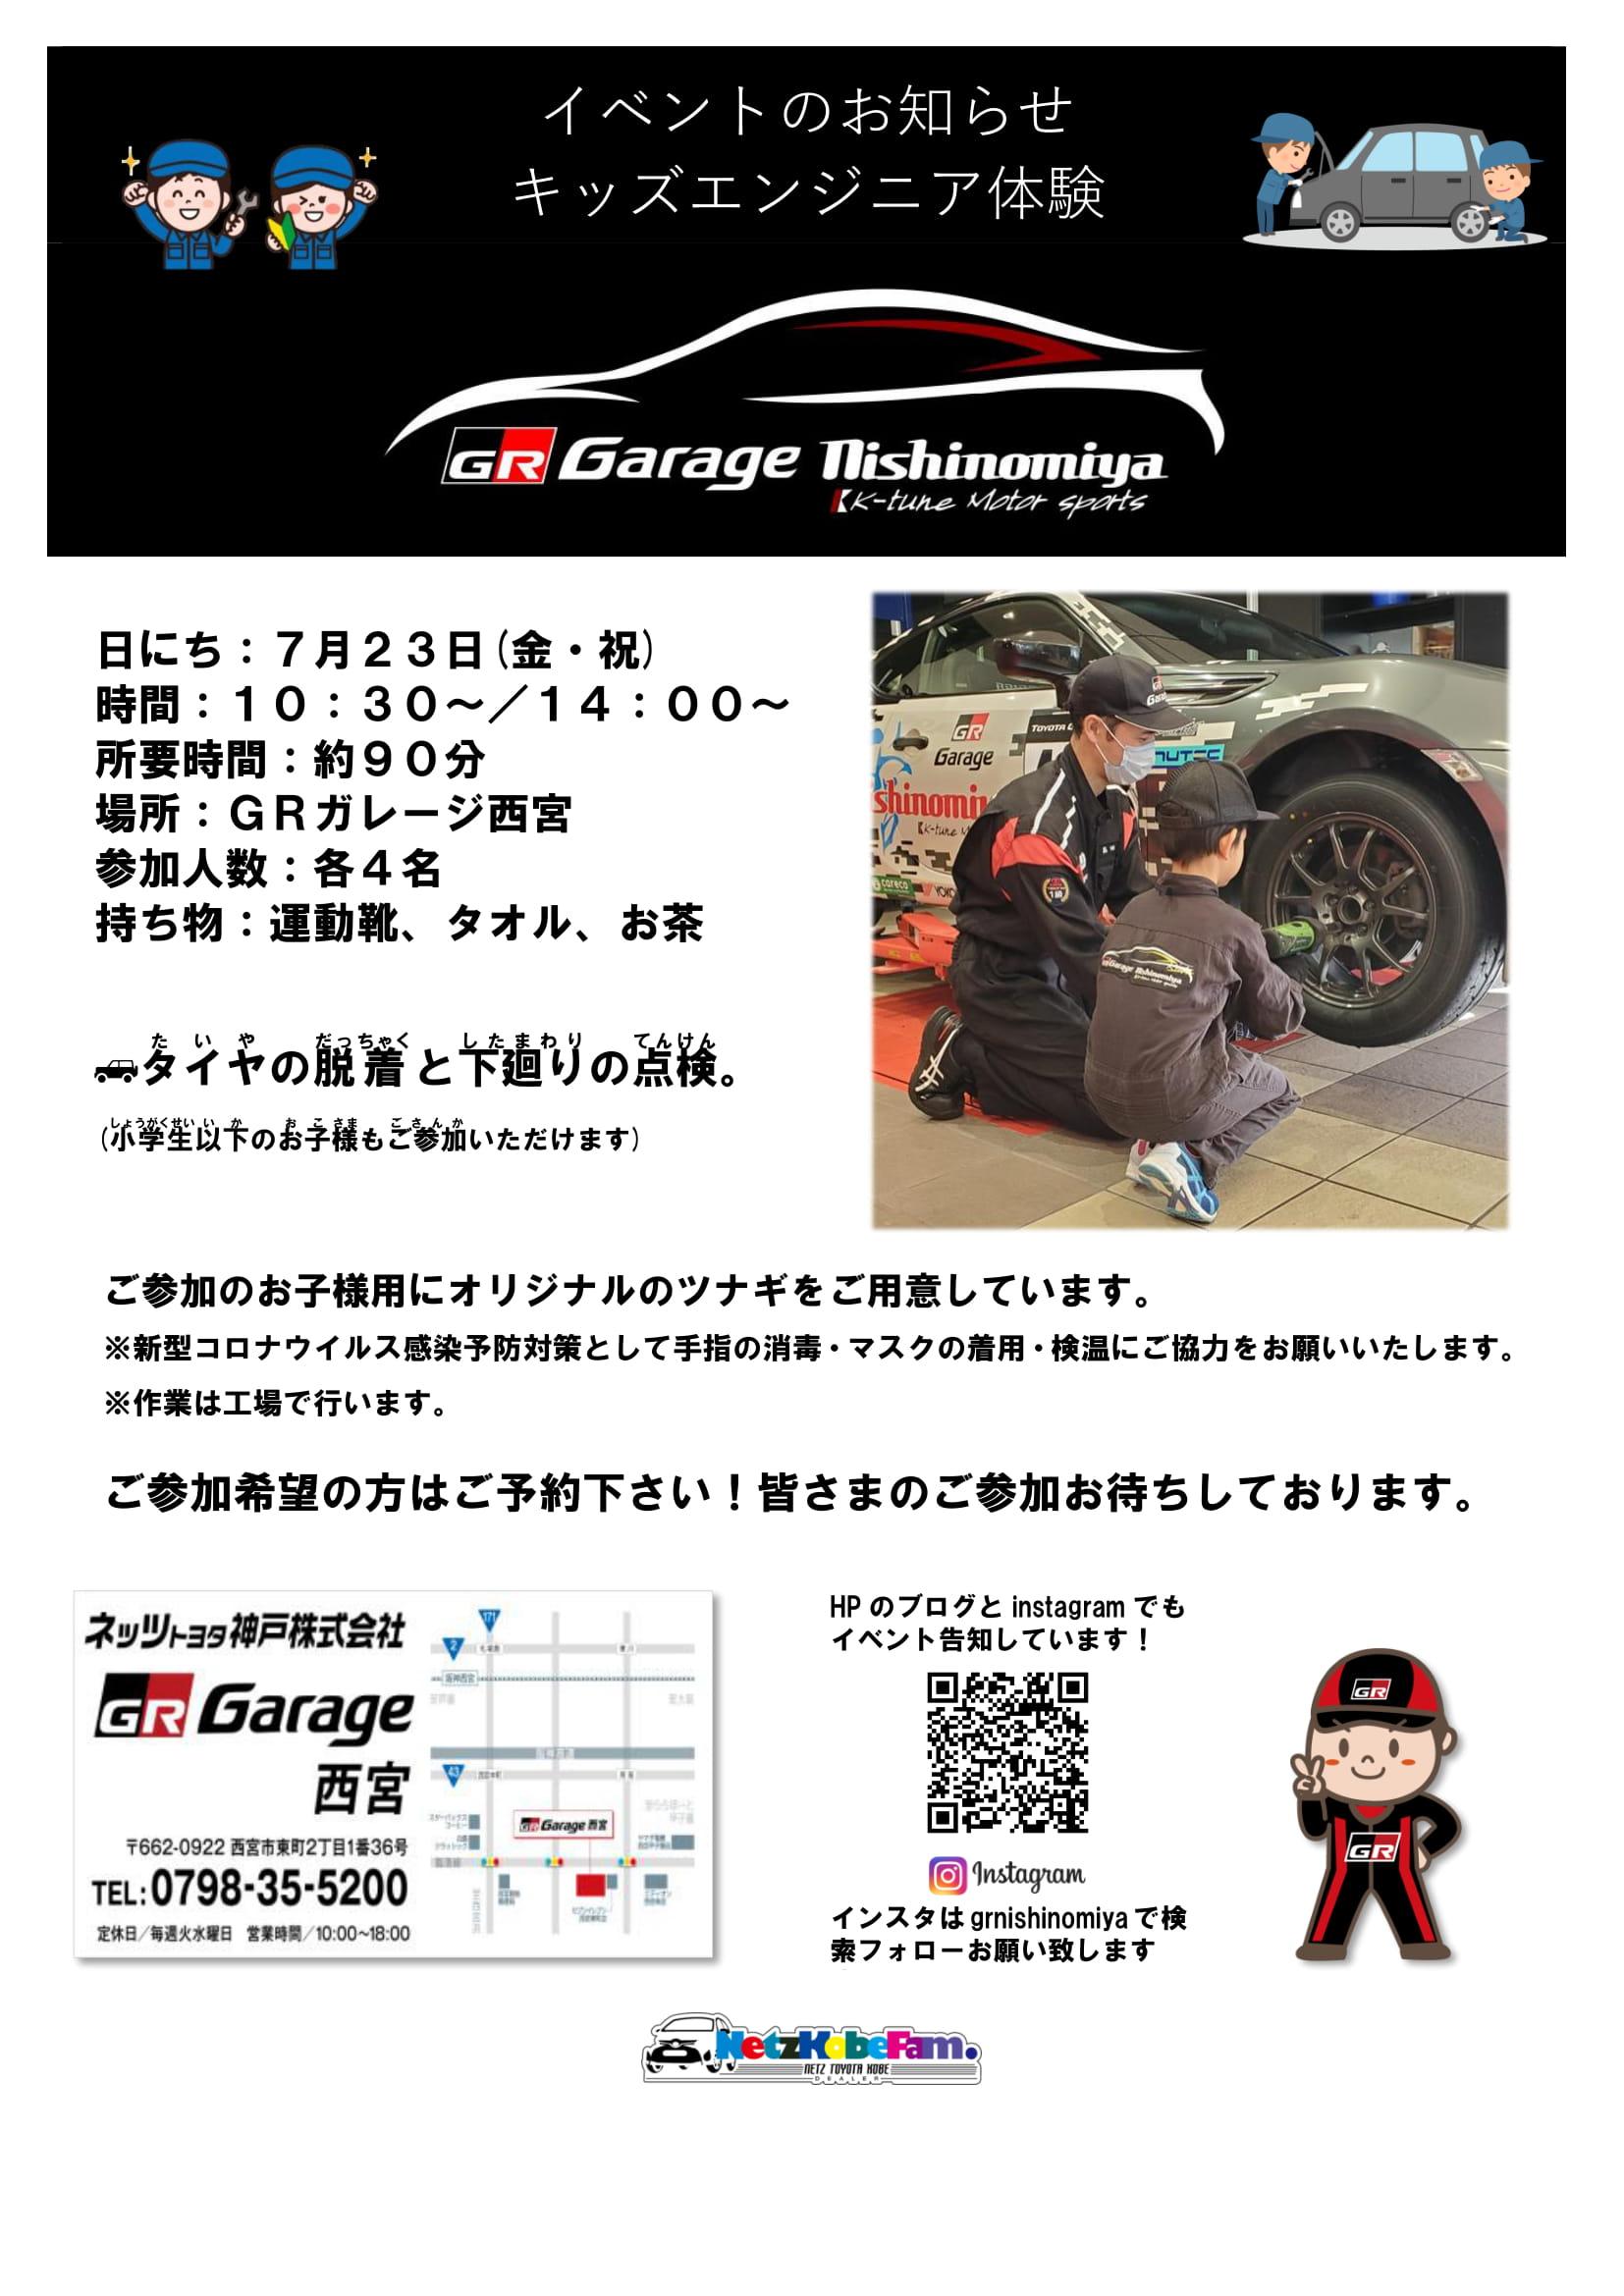 キッズエンジニア体験会(GR Garage西宮)